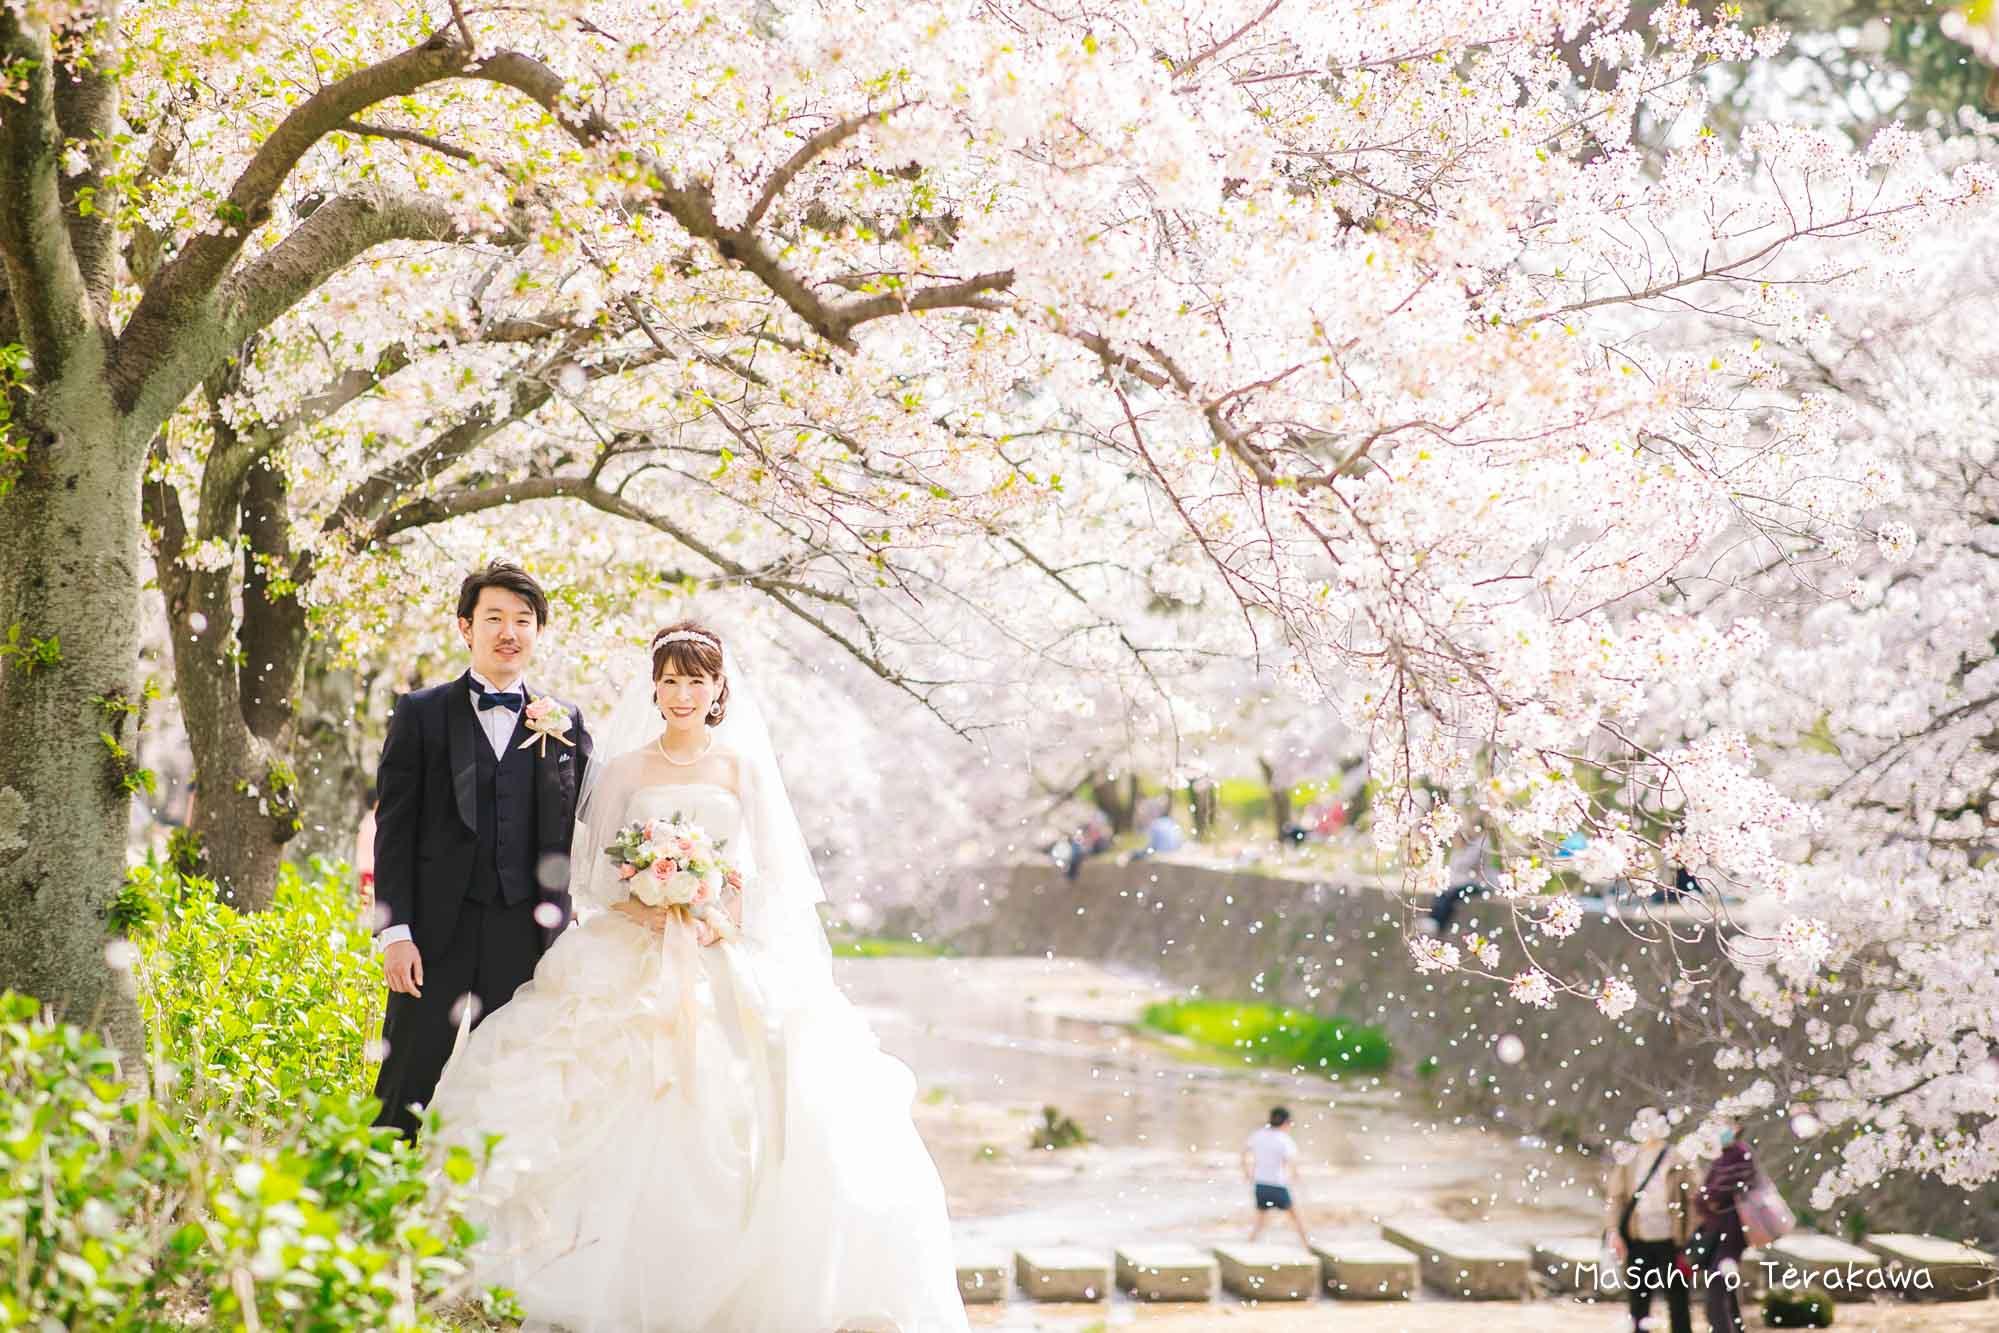 トリートドレッシングのウェディングドレスで結婚式前撮り2